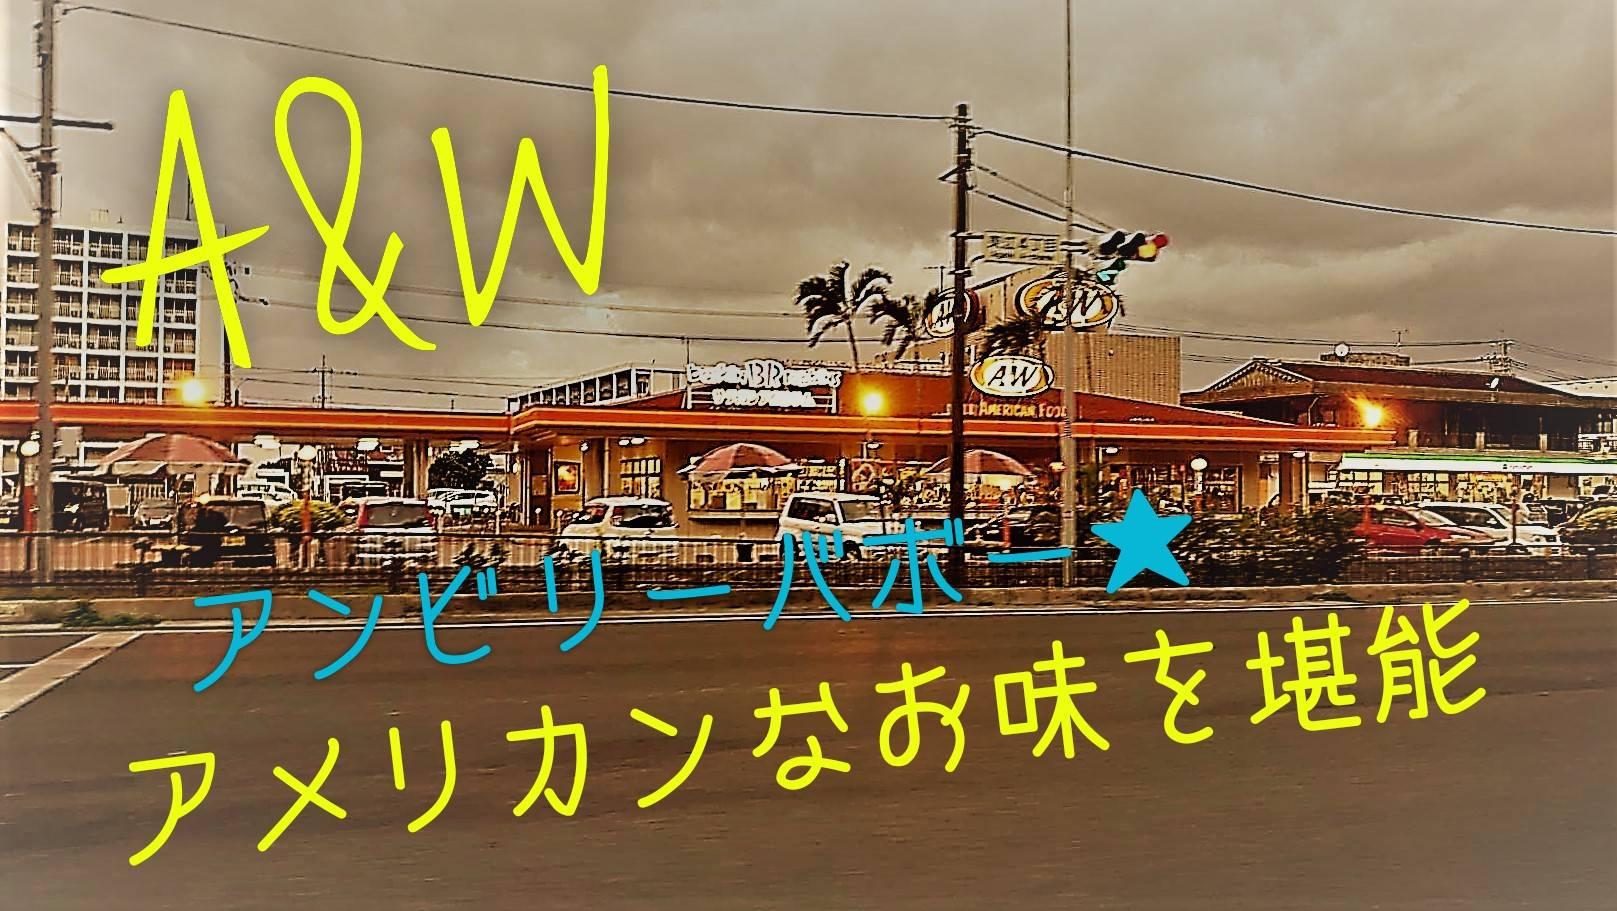 ★沖縄おすすめポイント紹介(沖縄で有名なA&Wをお楽しみください)その:⑲